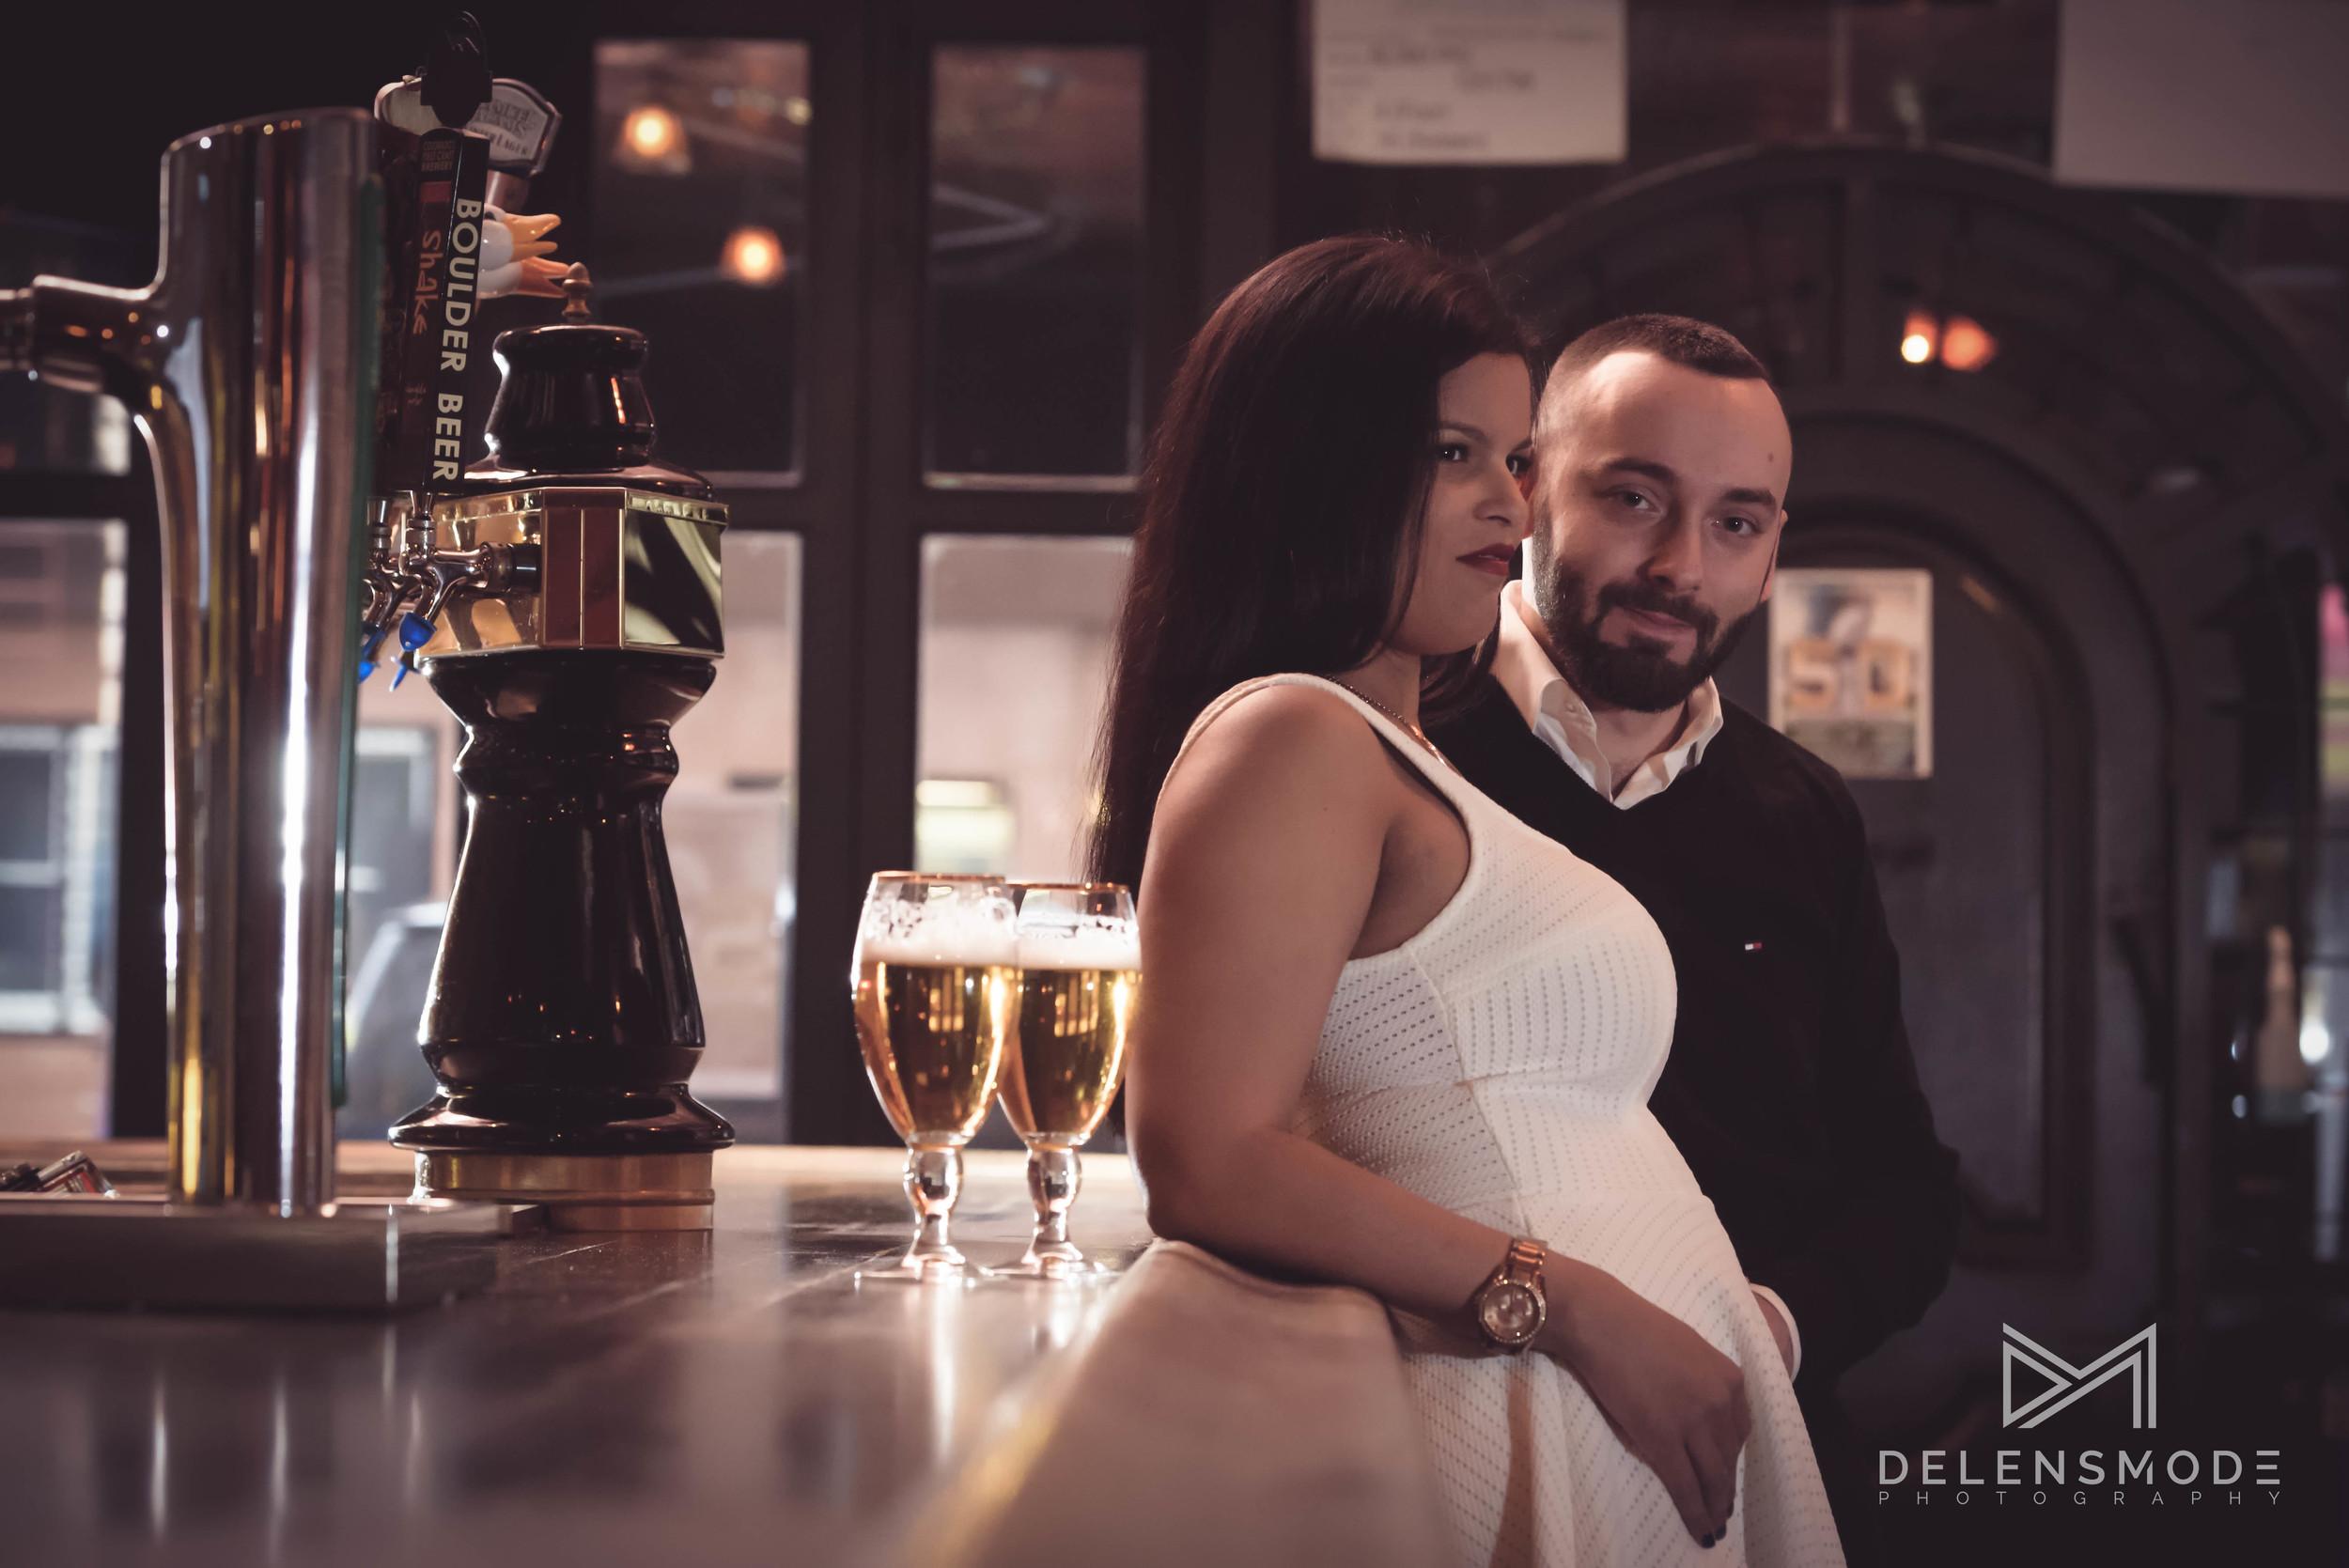 delenmode engagement photography hackensack nj nyc maywood wedding photographer